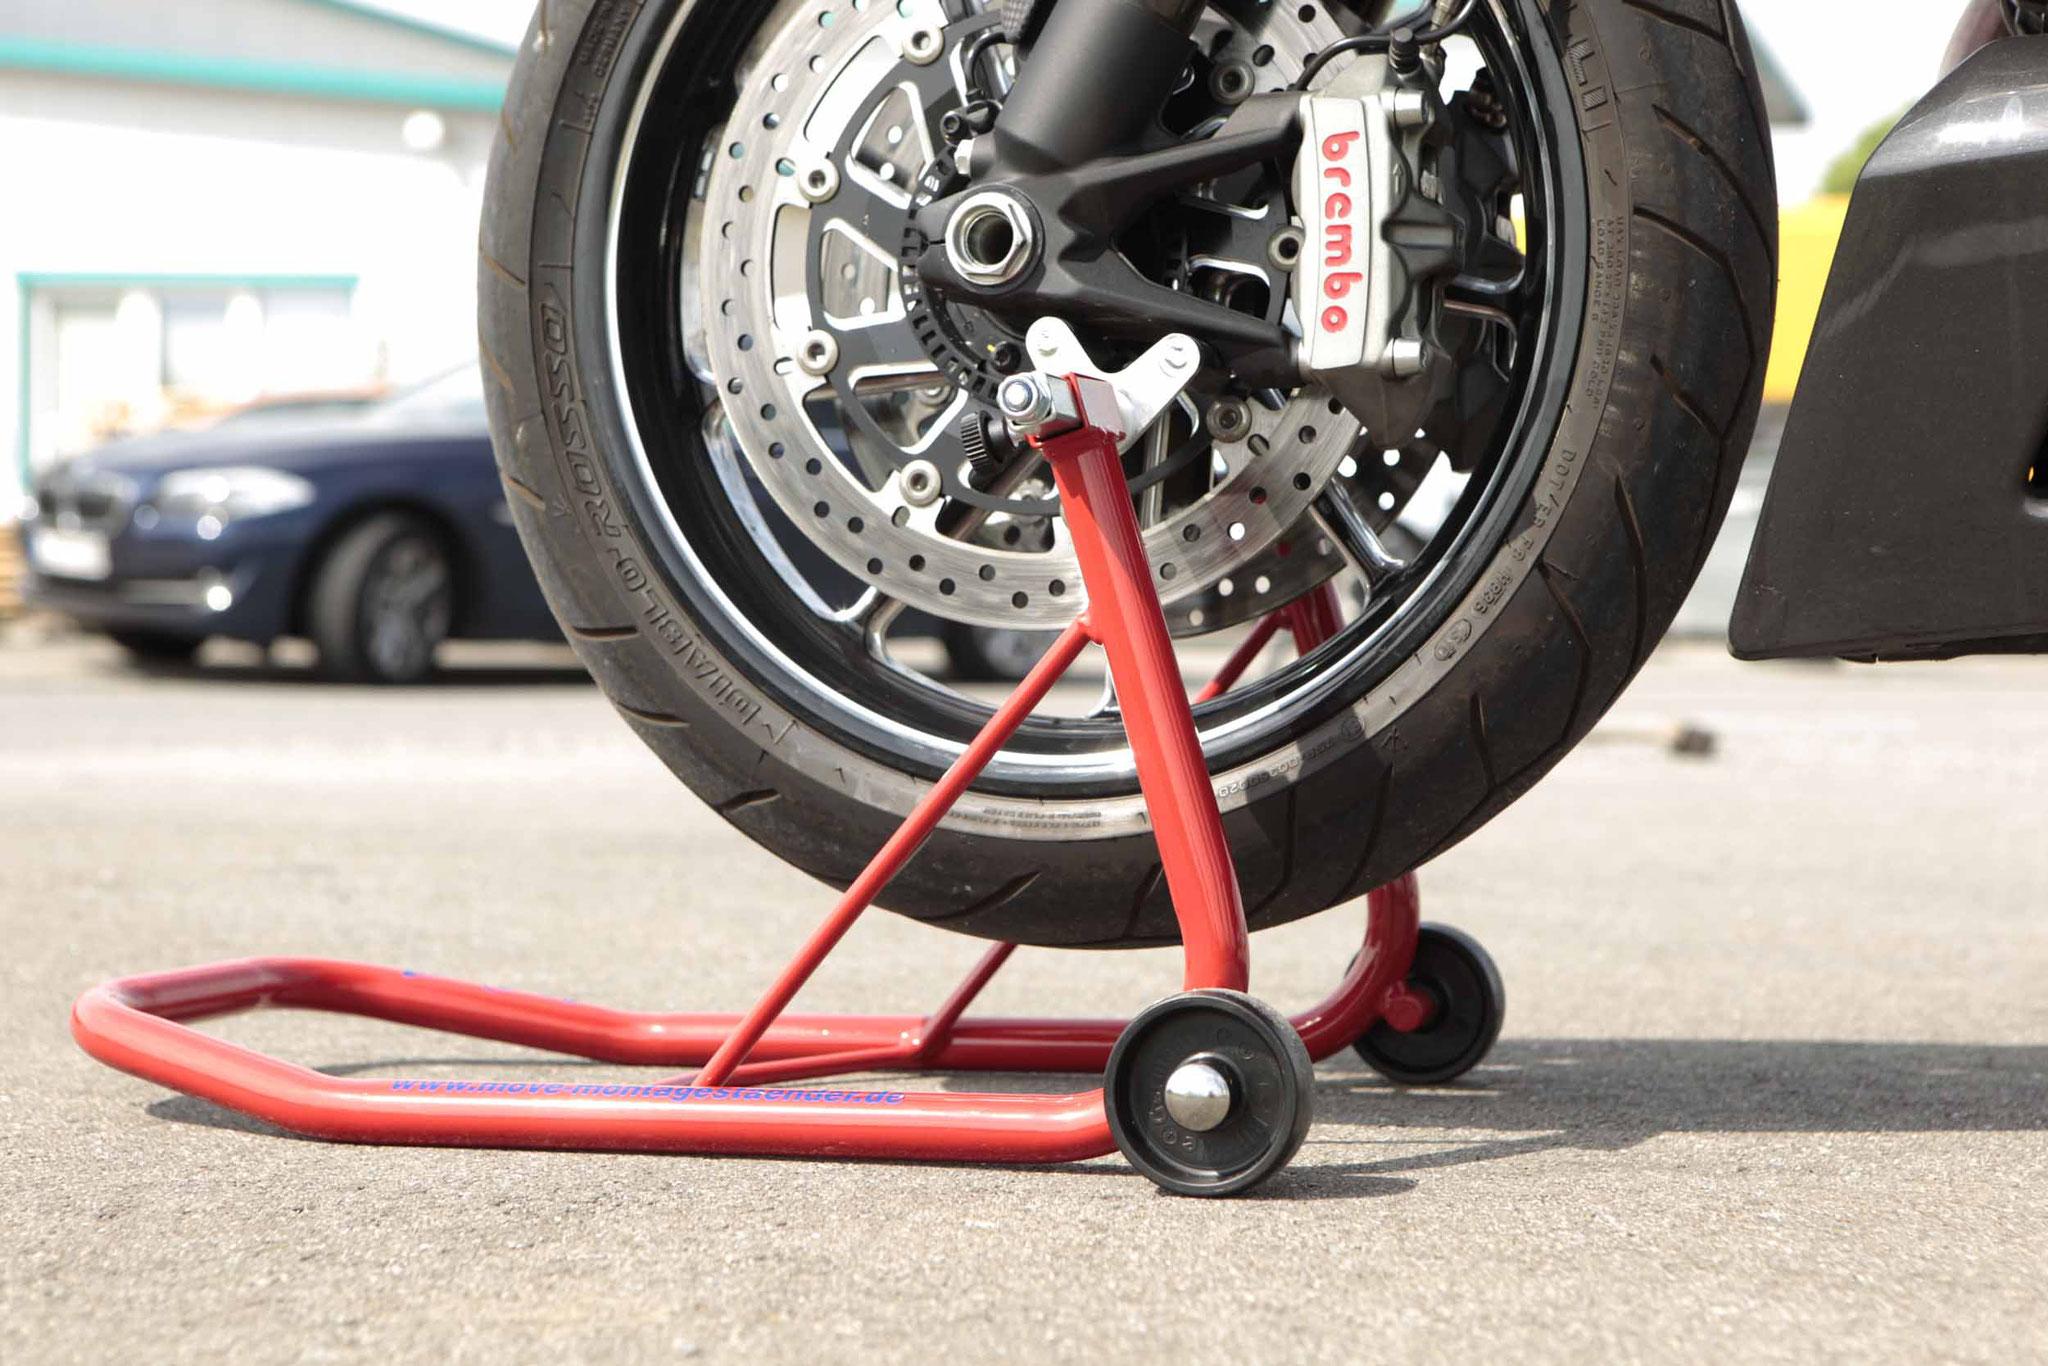 move Frontständer Motorrad aufbocken